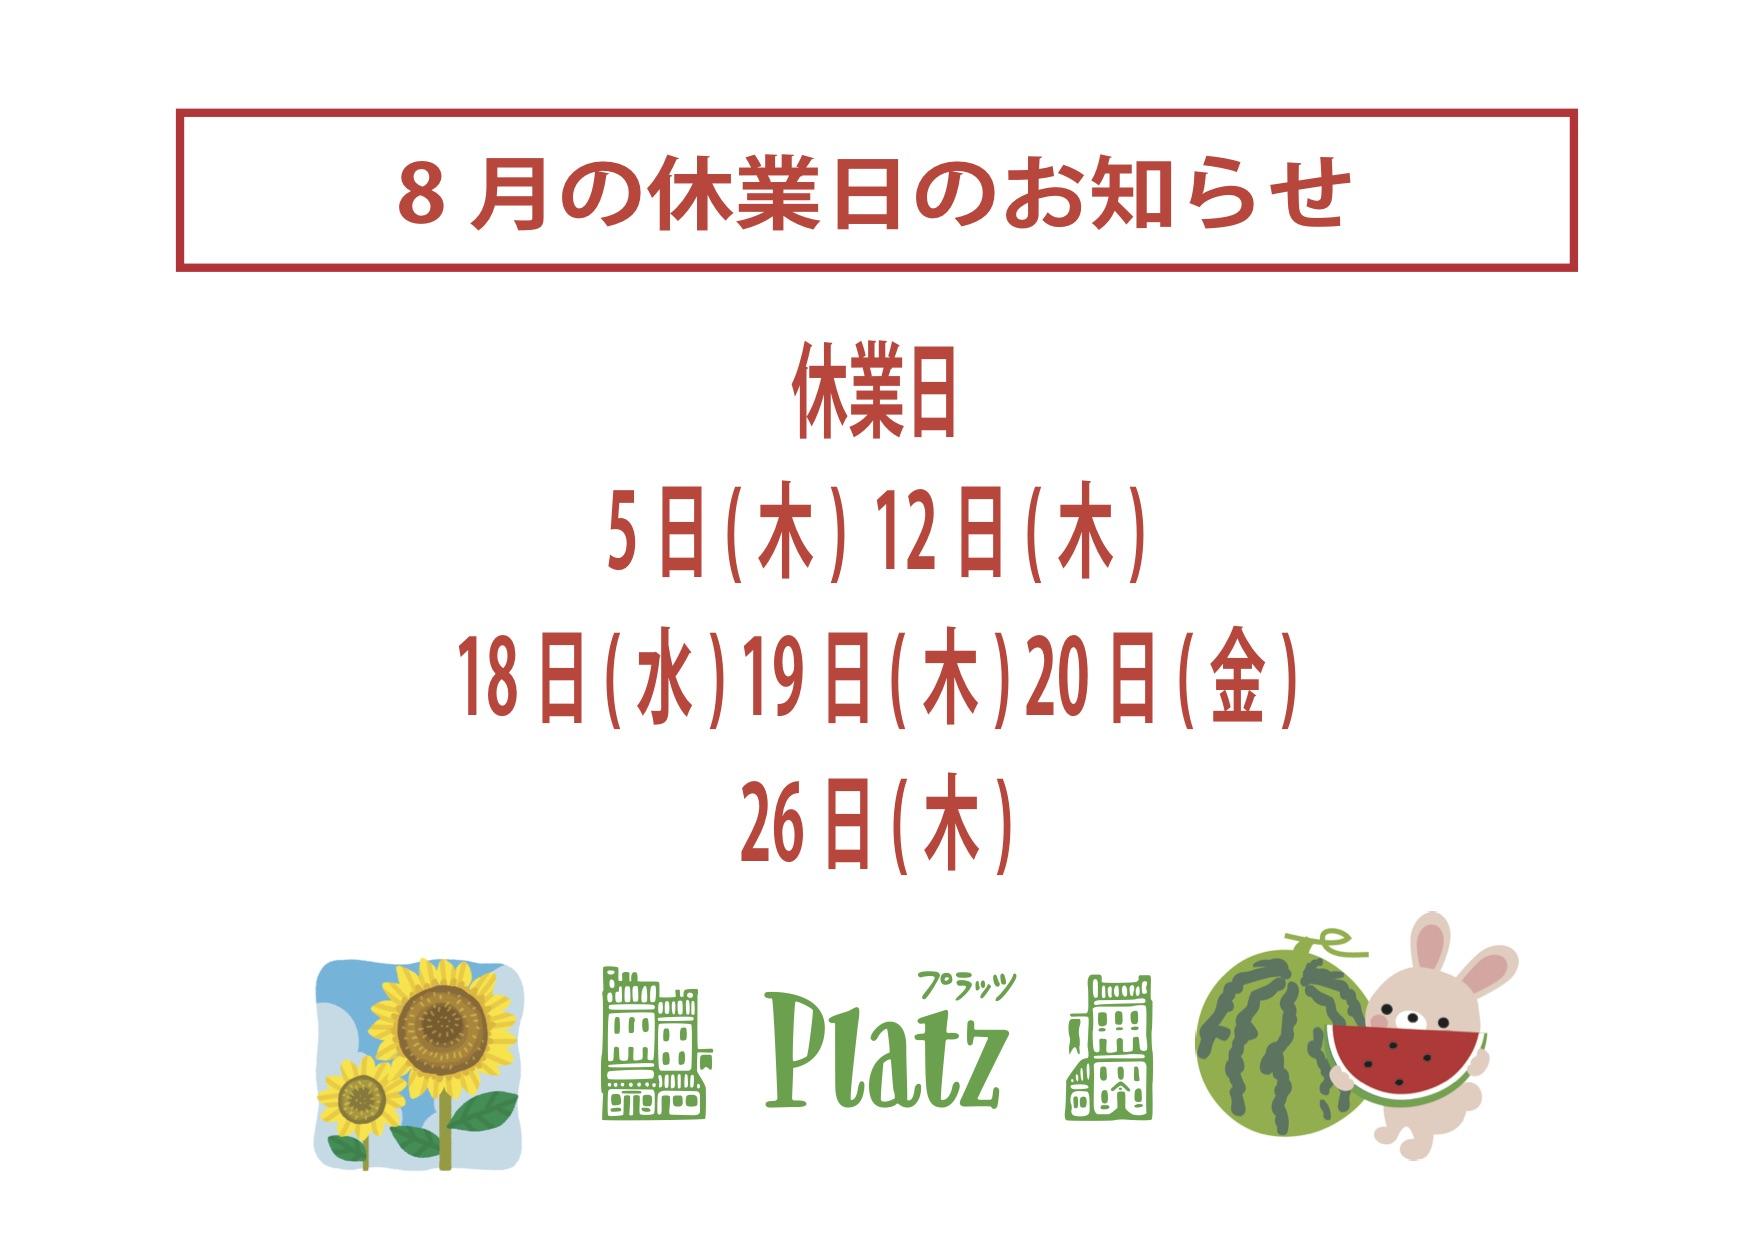 http://www.kyoto-platz.jp/news/images/2021.8%E6%9C%88%E4%BC%91%E6%A5%AD%E6%97%A5.jpg